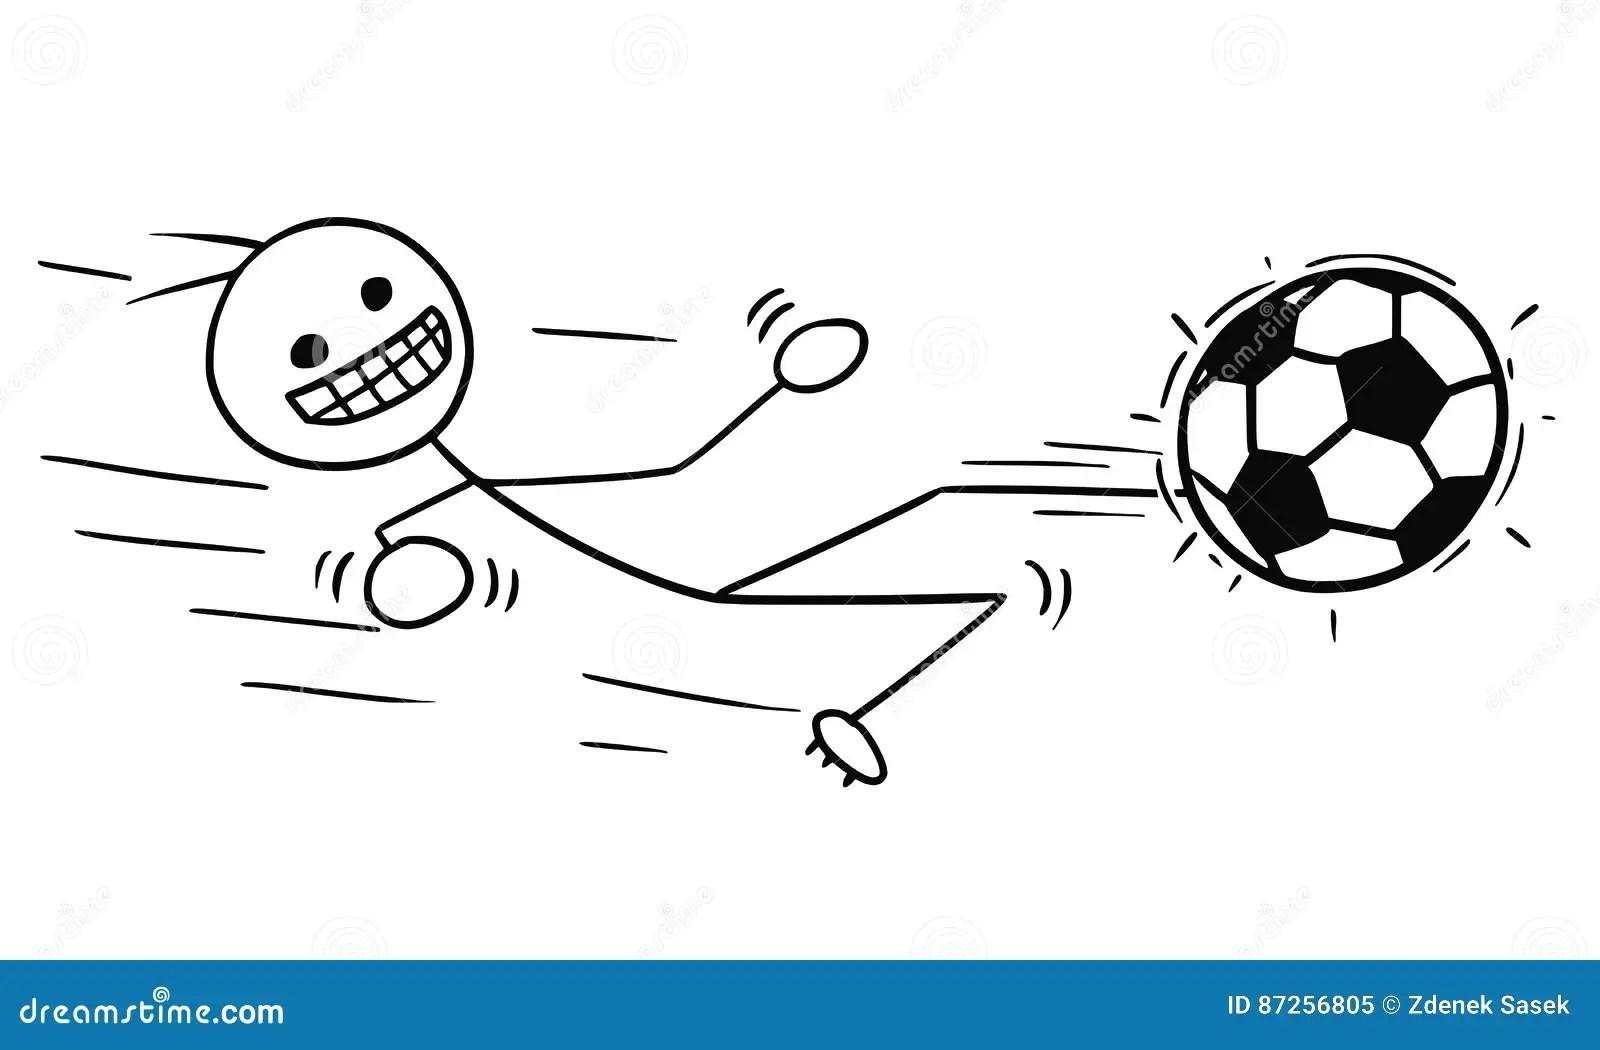 Vektor Stickman Karikatur Des Fu Ball Fu Ball Spielers